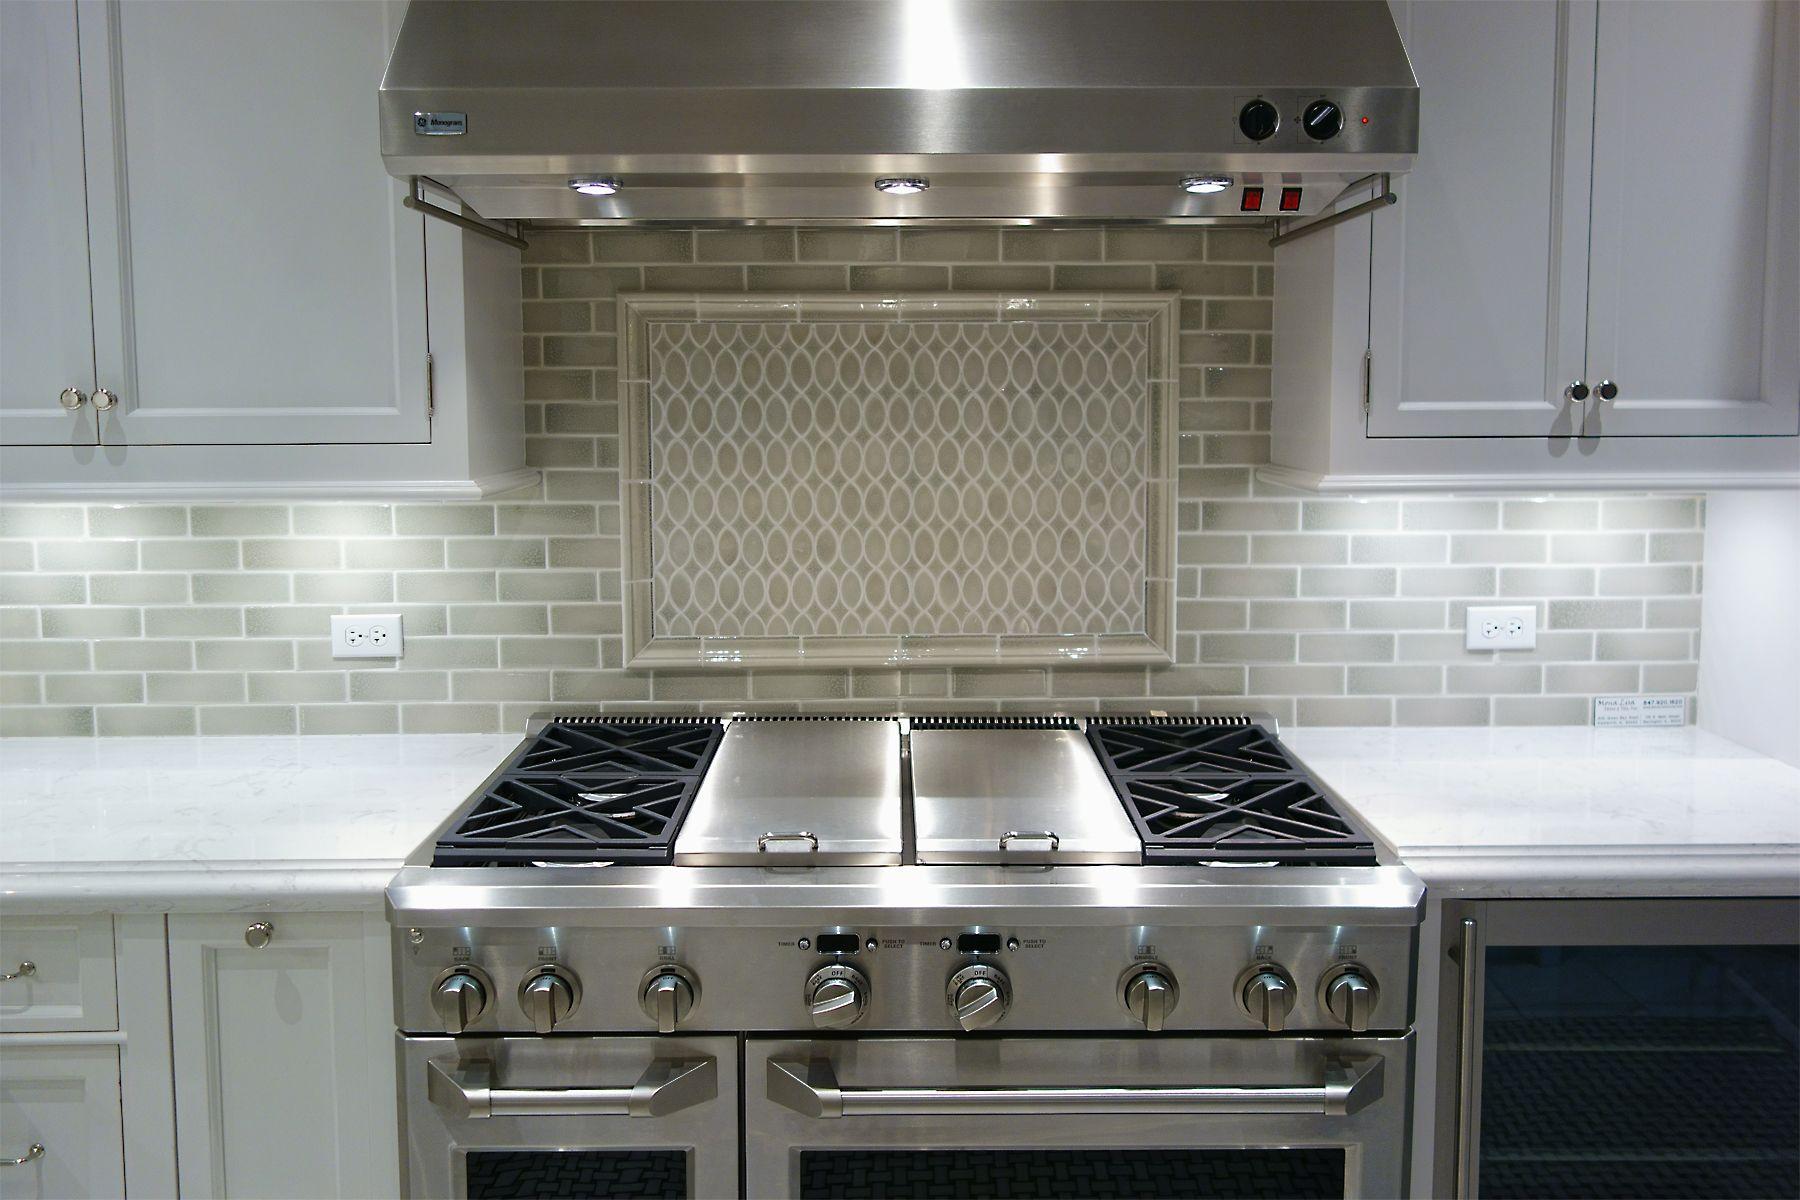 ABT GE Monogram range dual stainless Kitchen remodel